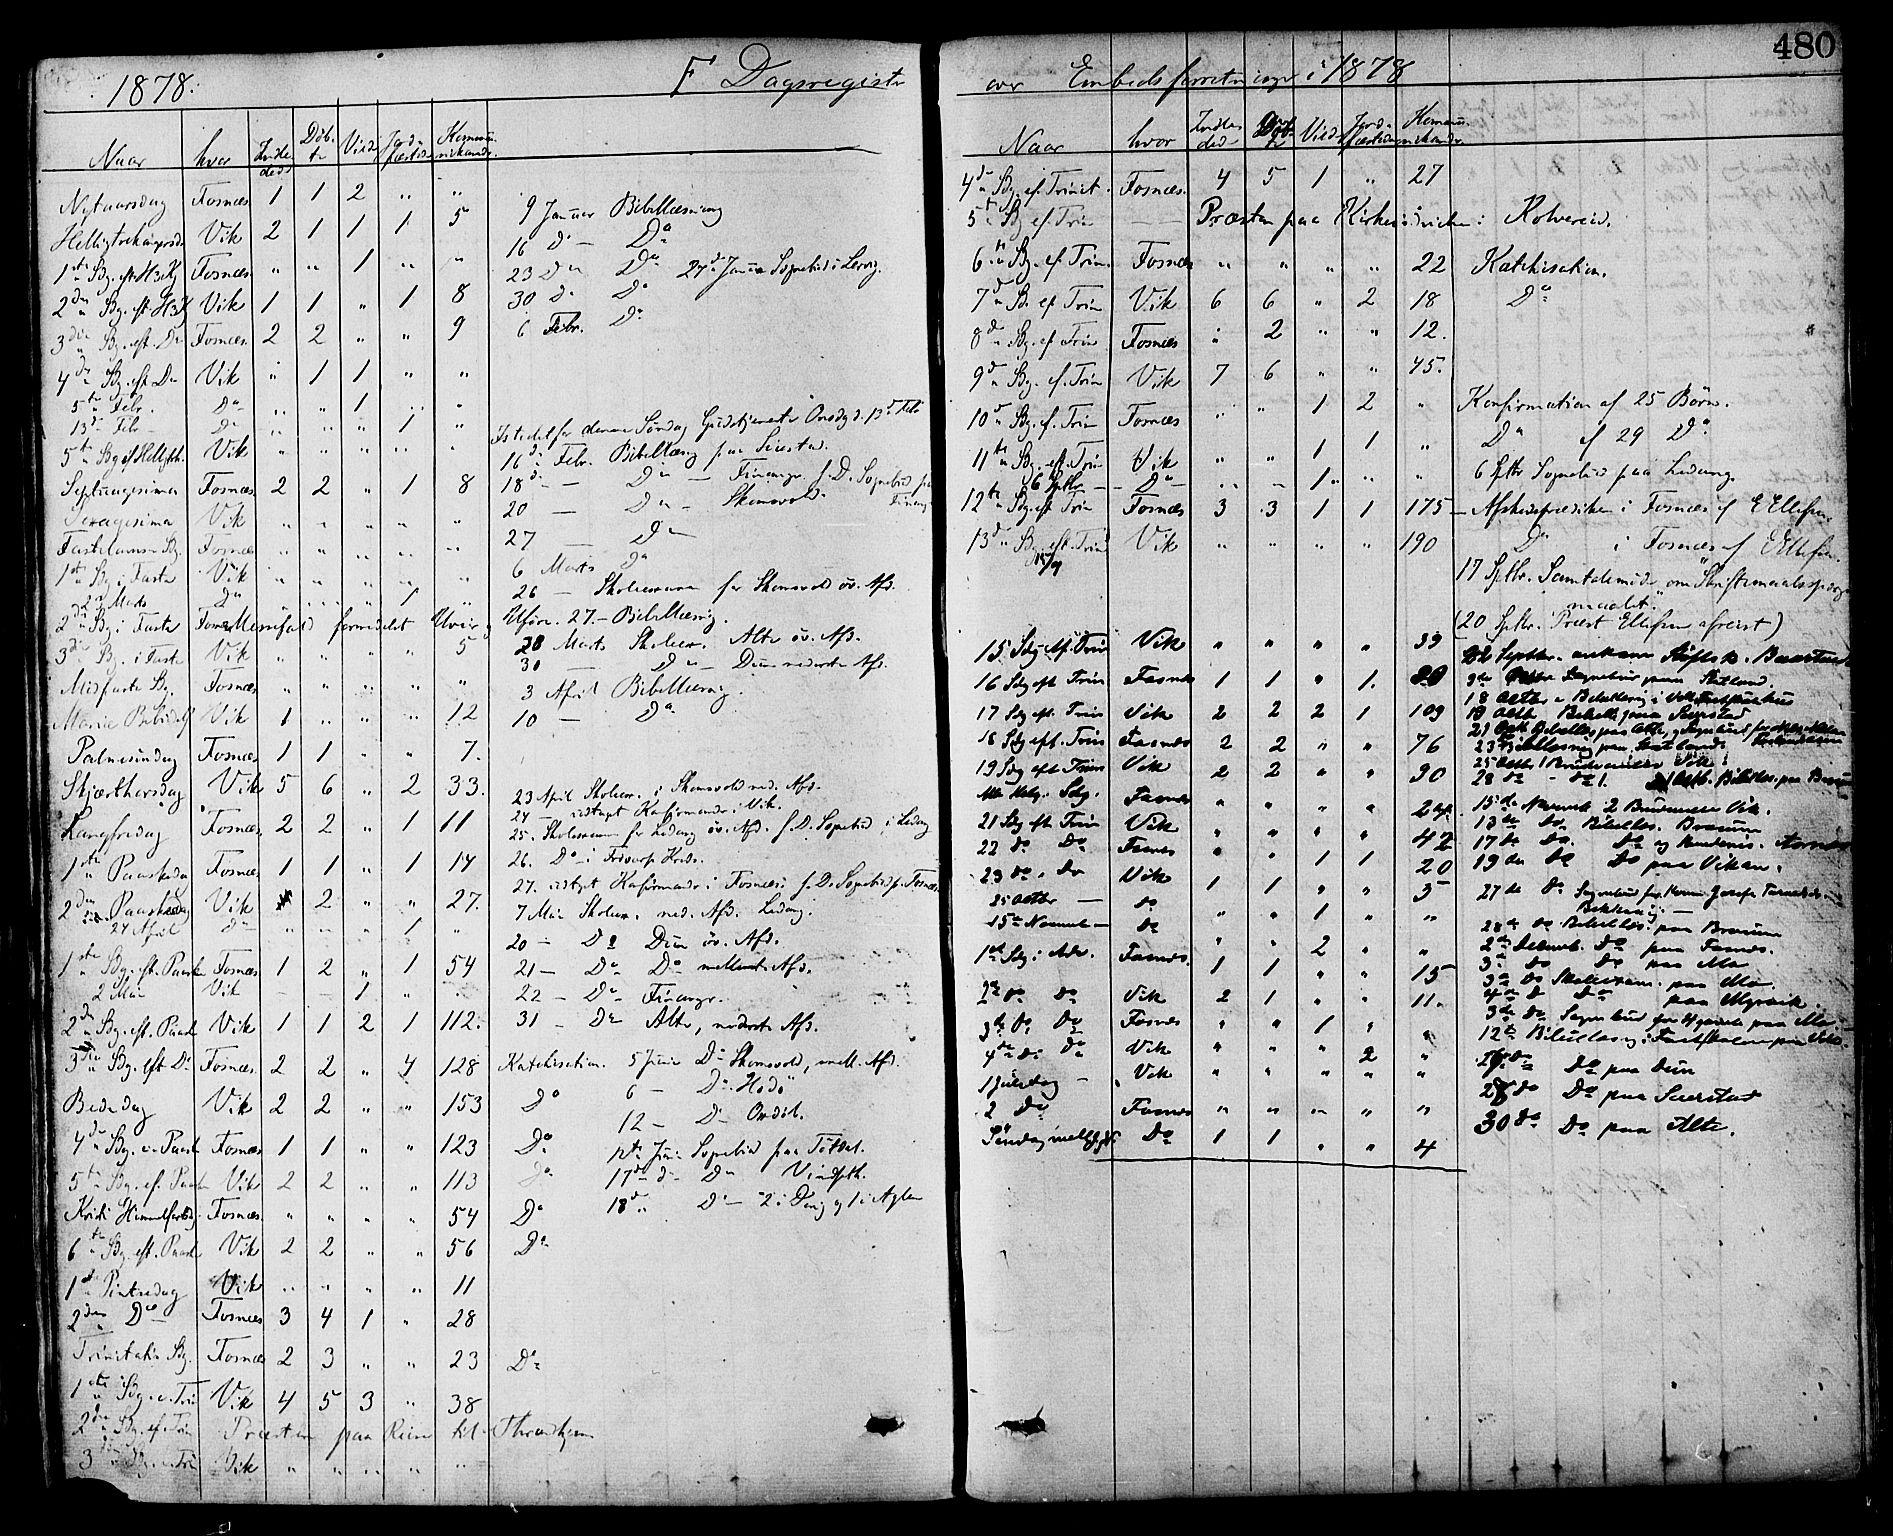 SAT, Ministerialprotokoller, klokkerbøker og fødselsregistre - Nord-Trøndelag, 773/L0616: Ministerialbok nr. 773A07, 1870-1887, s. 480